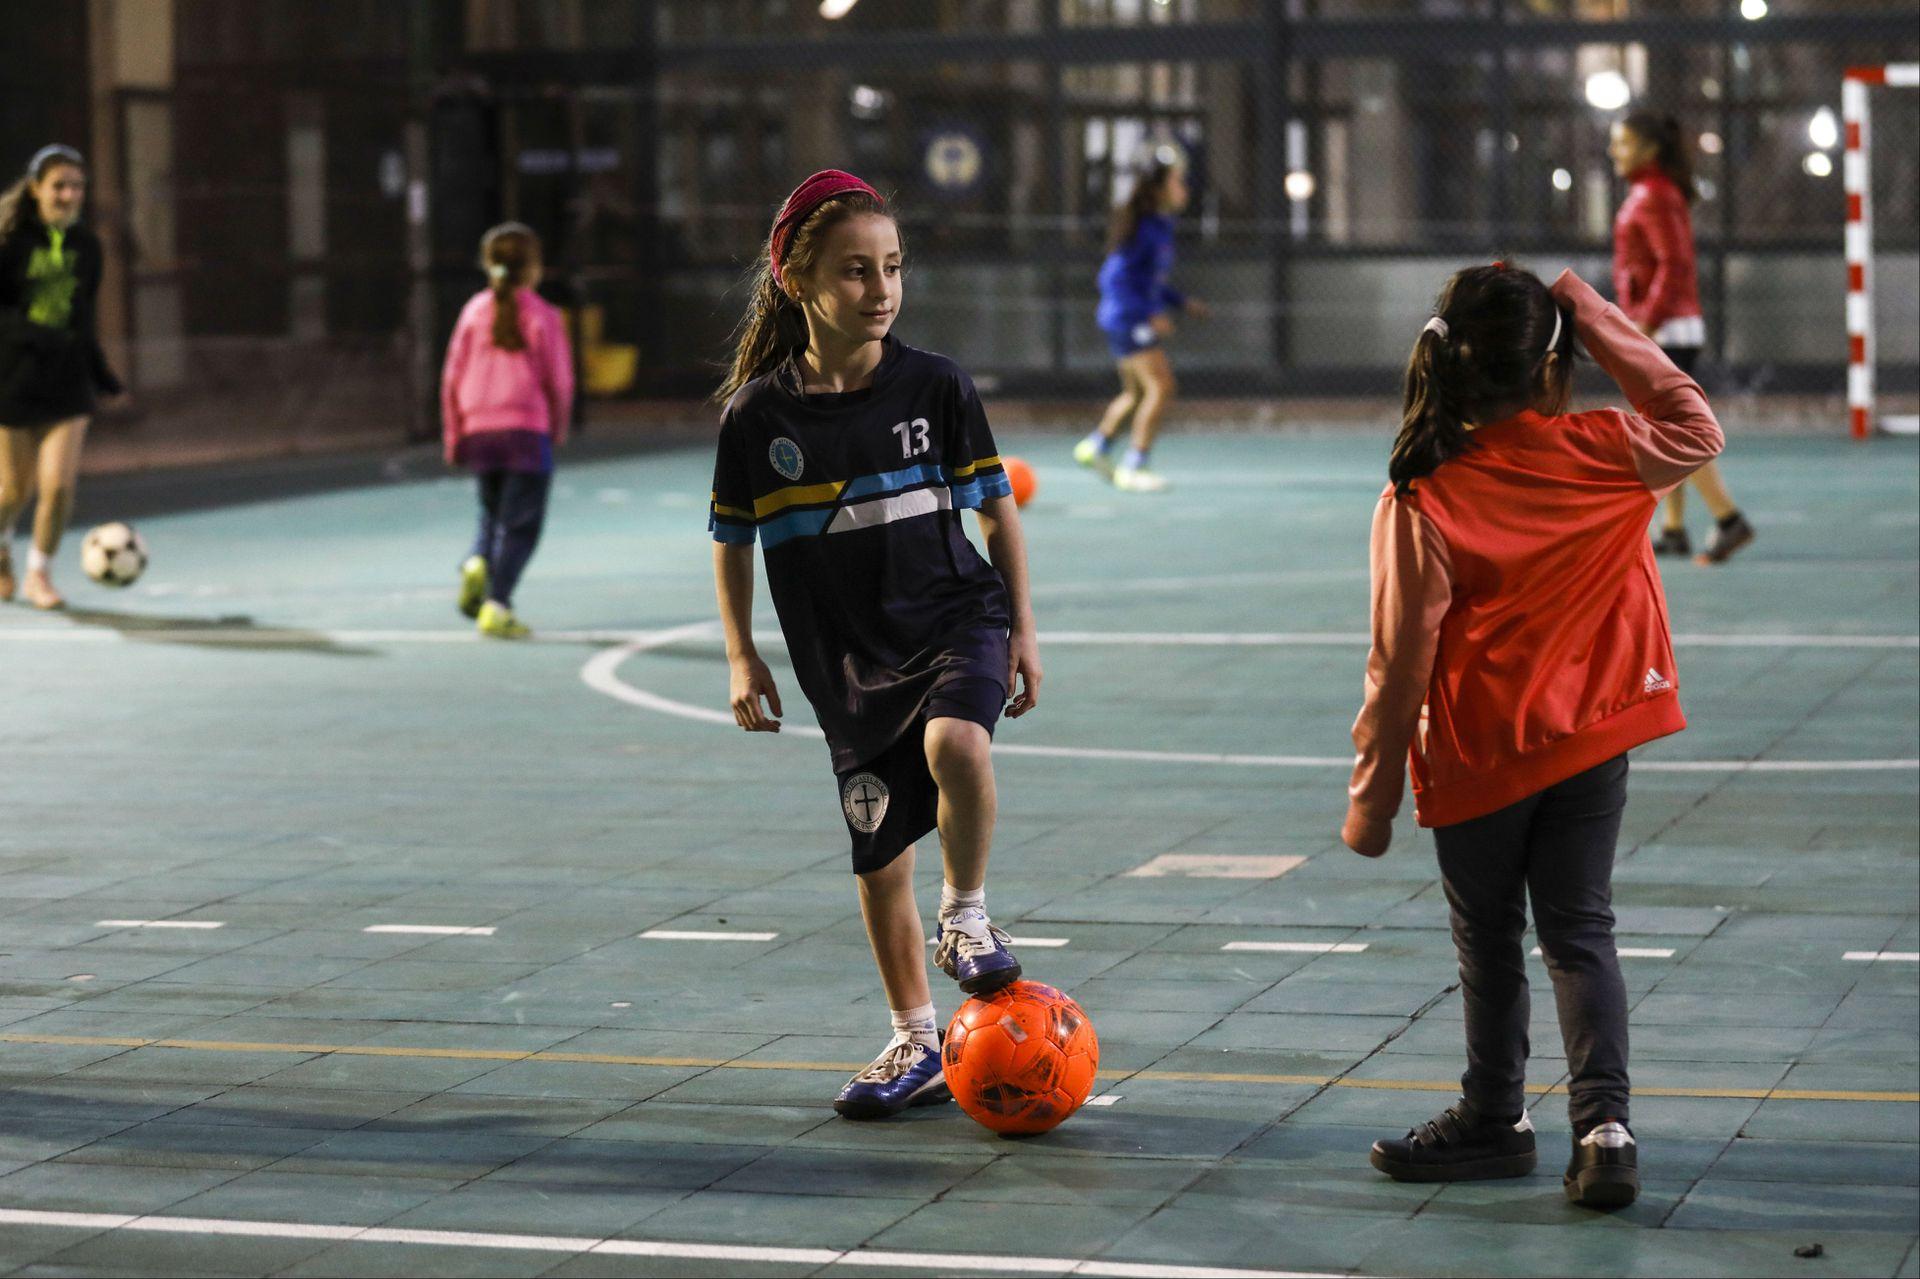 Nenas juegan al fútbol en la sede deportiva